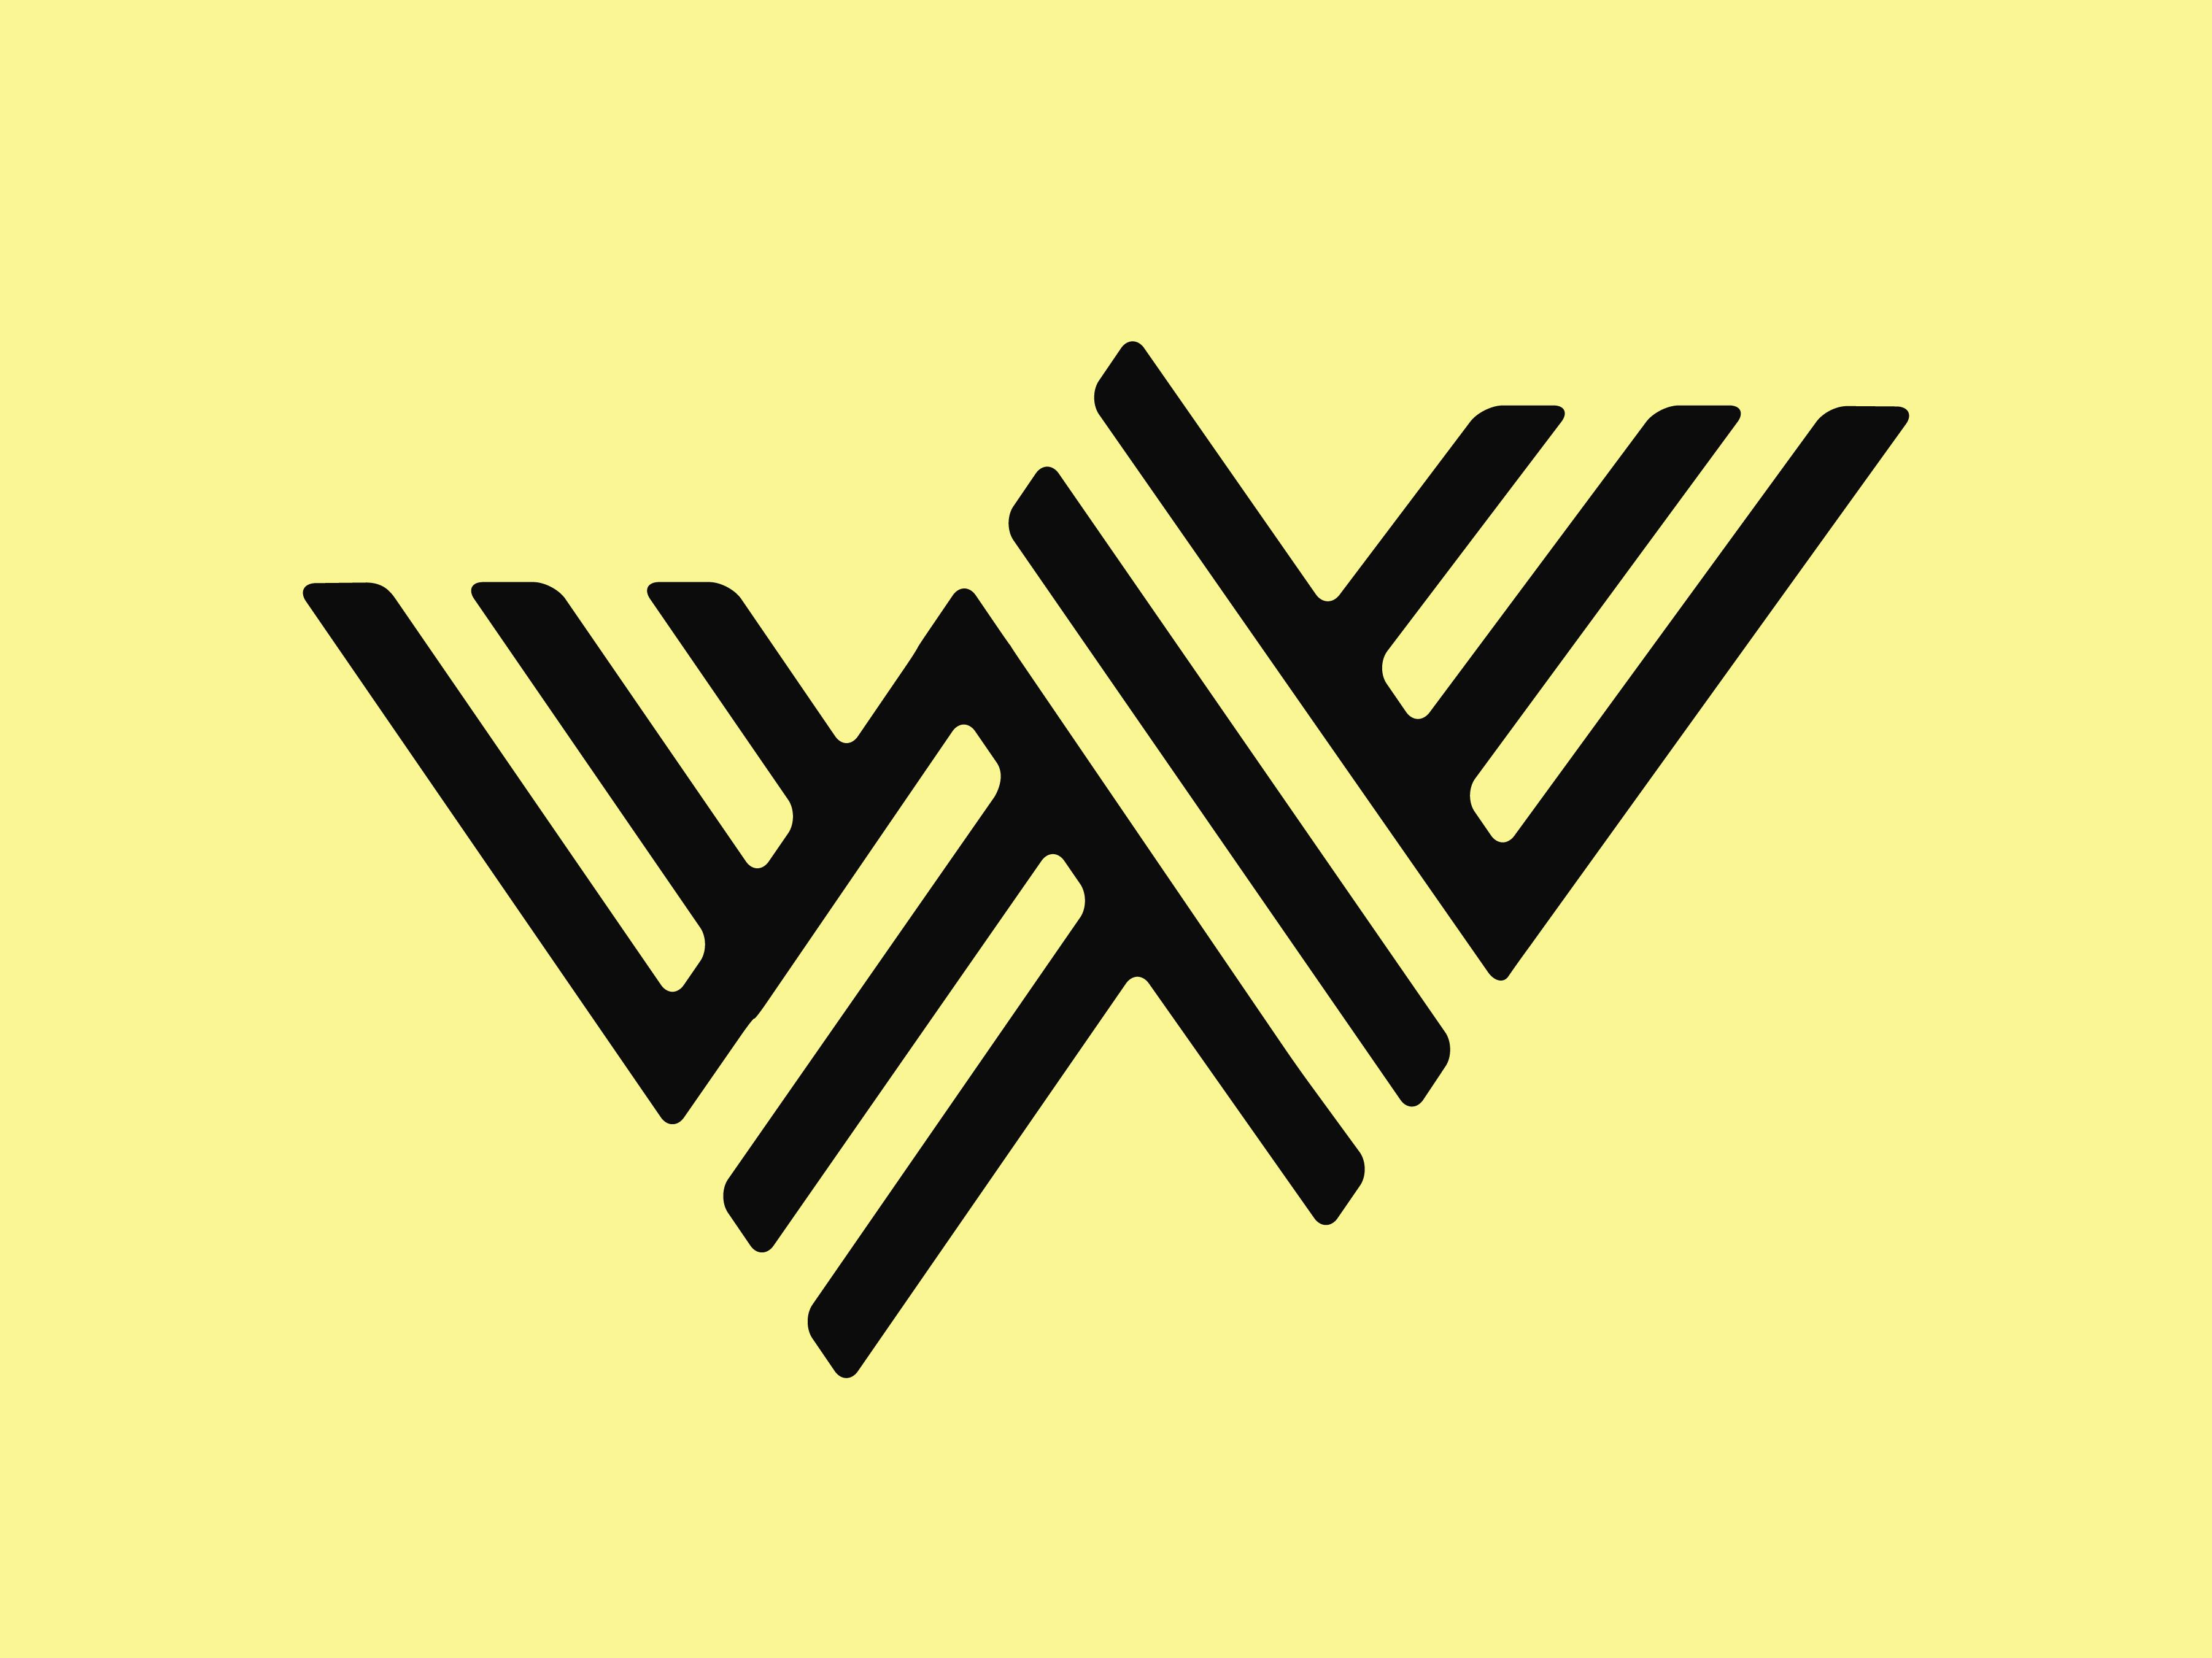 Weev 22